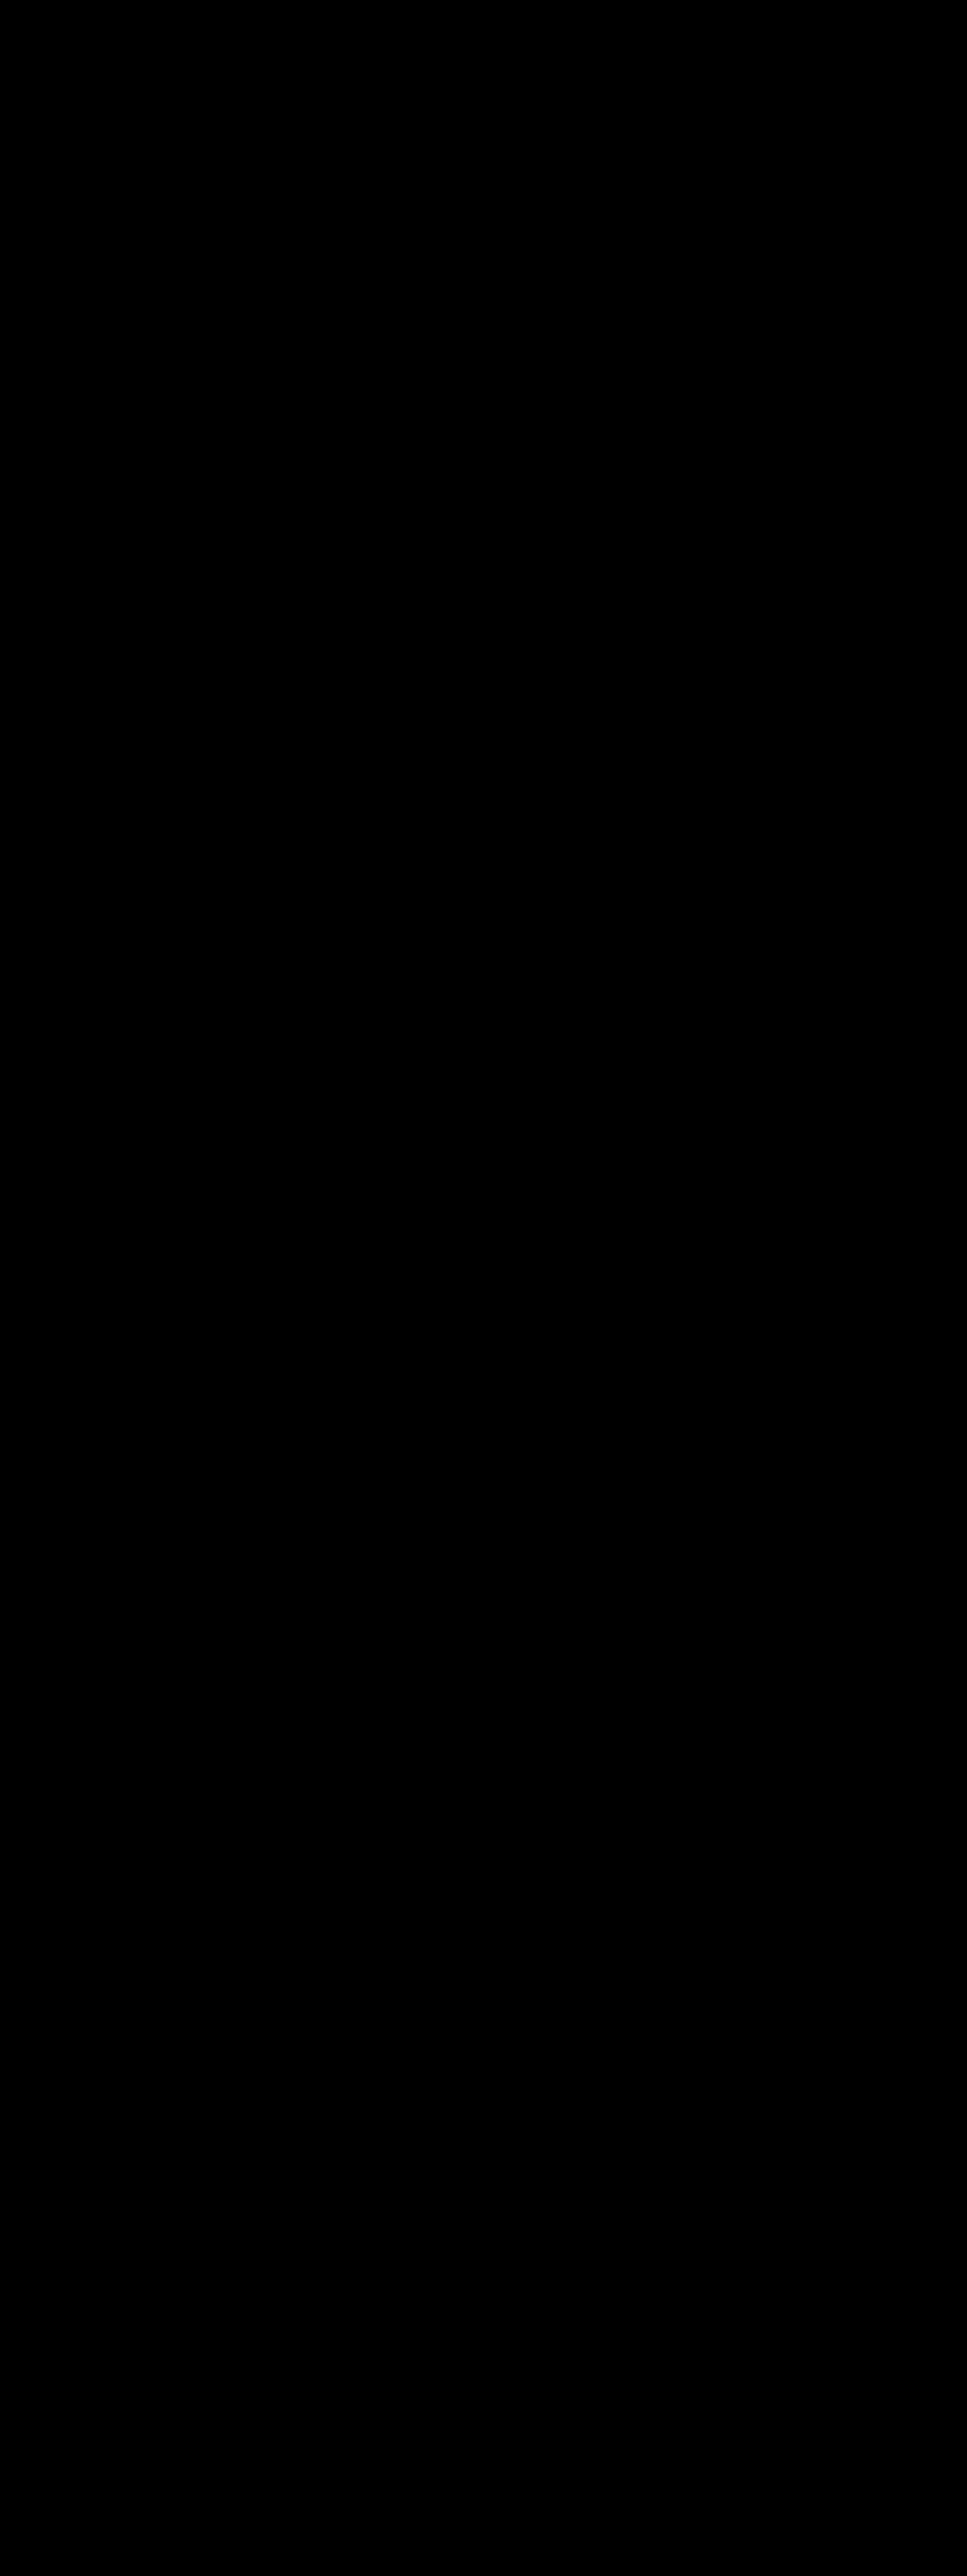 1 Stk Aufputz-Zählerverteiler 2A-33E/WIEN 2ZP, H1605B590T250mm IL160233WS